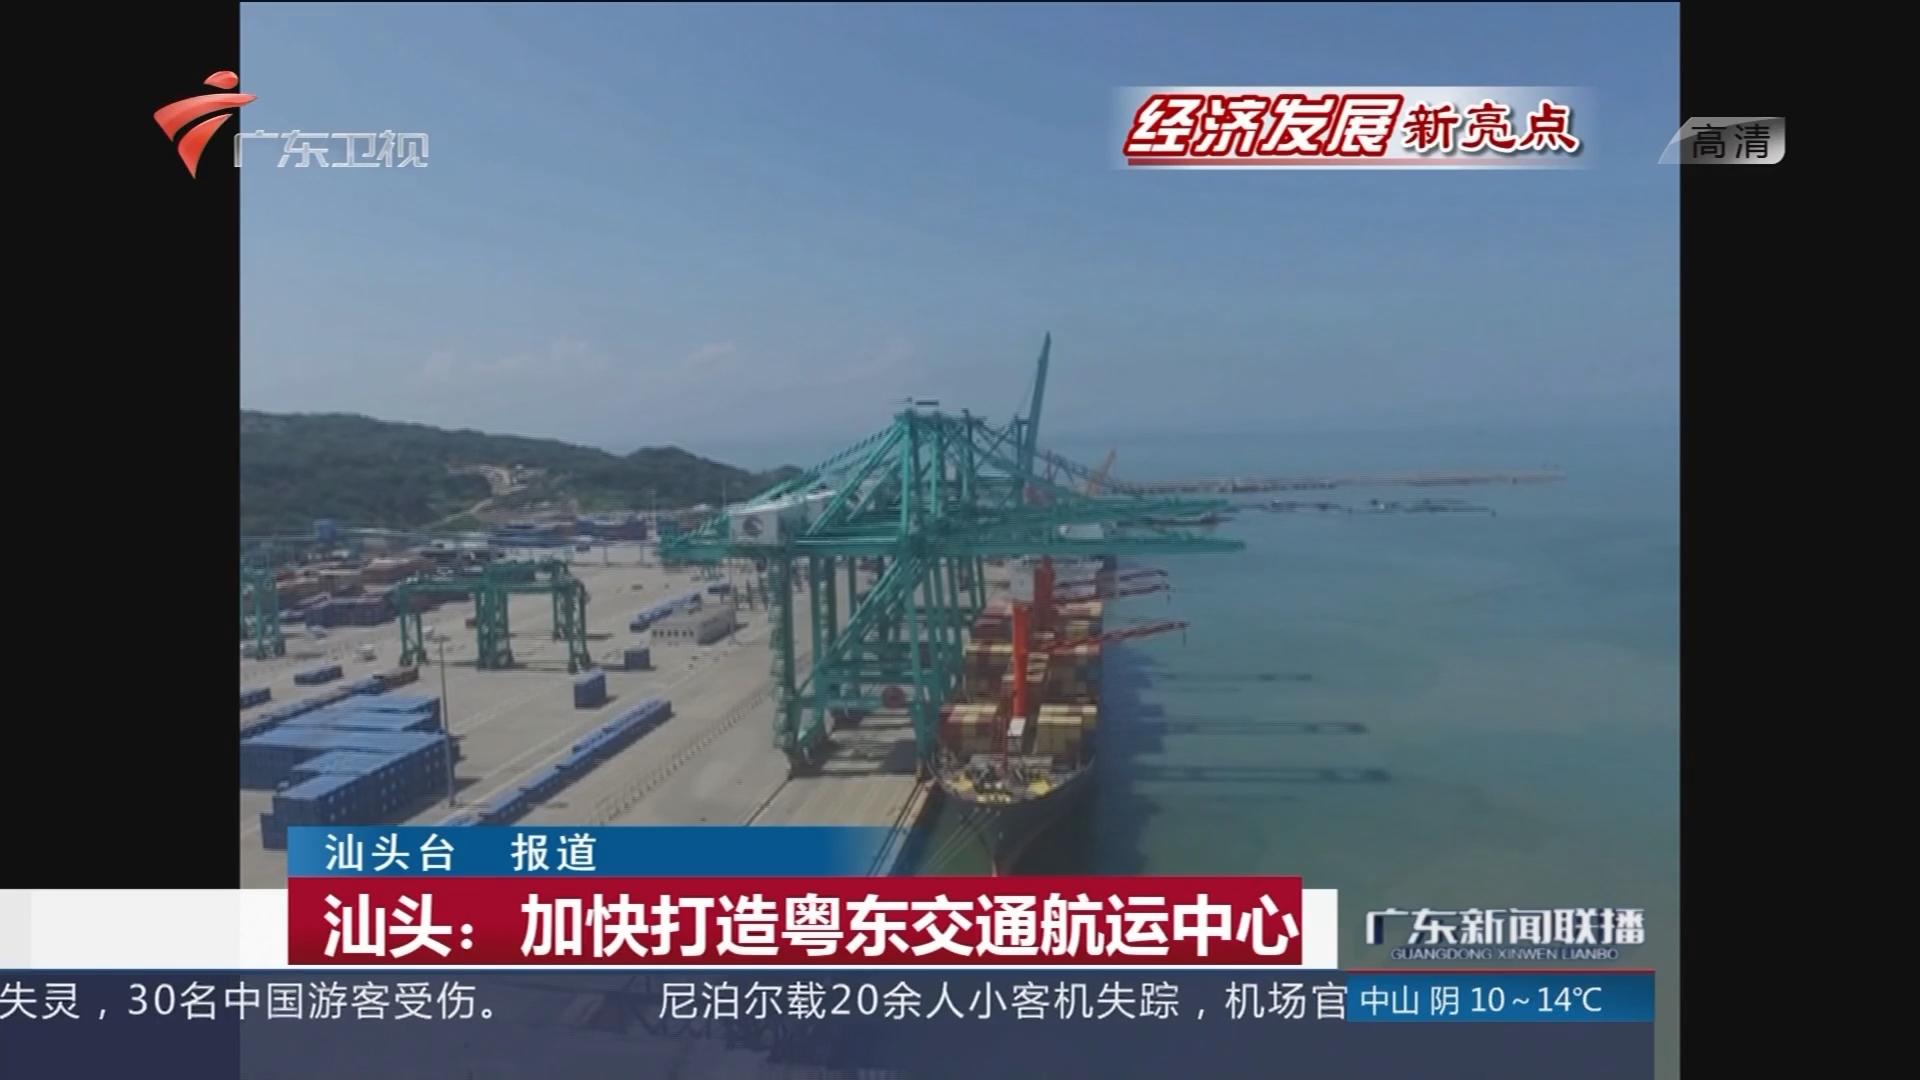 汕头:加快打造粤东交通航运中心